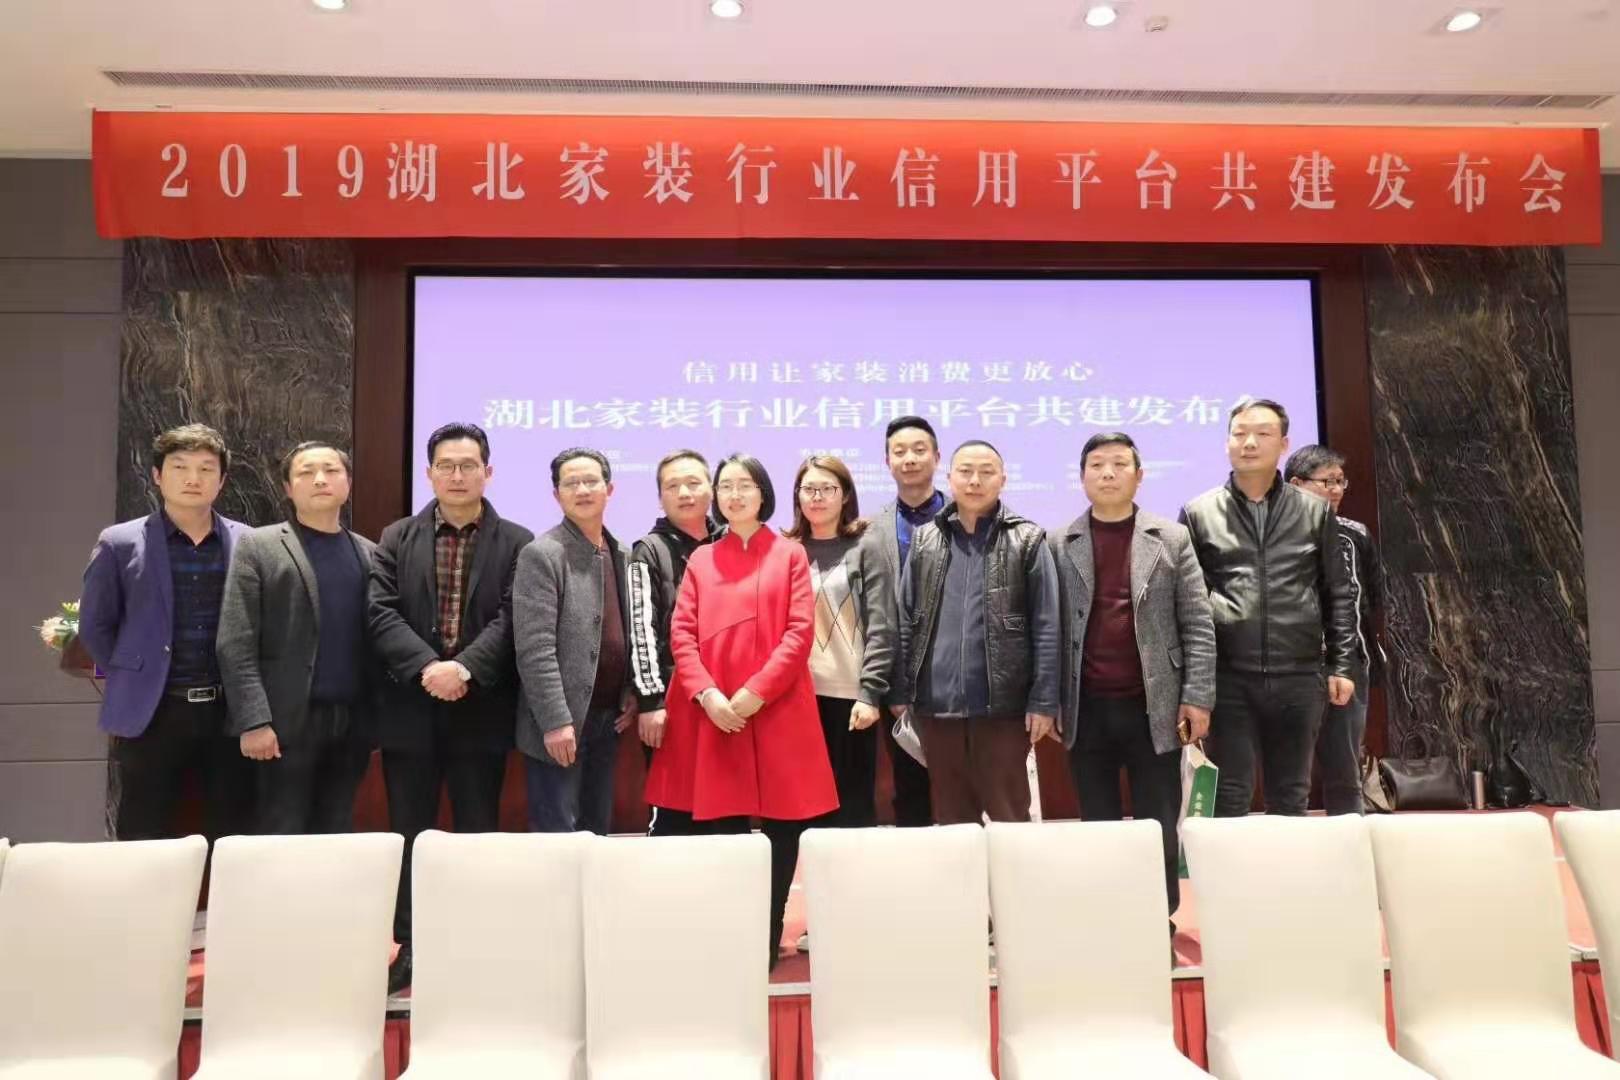 老虎机钱柜手机版公司总裁参加777信用平台发布会